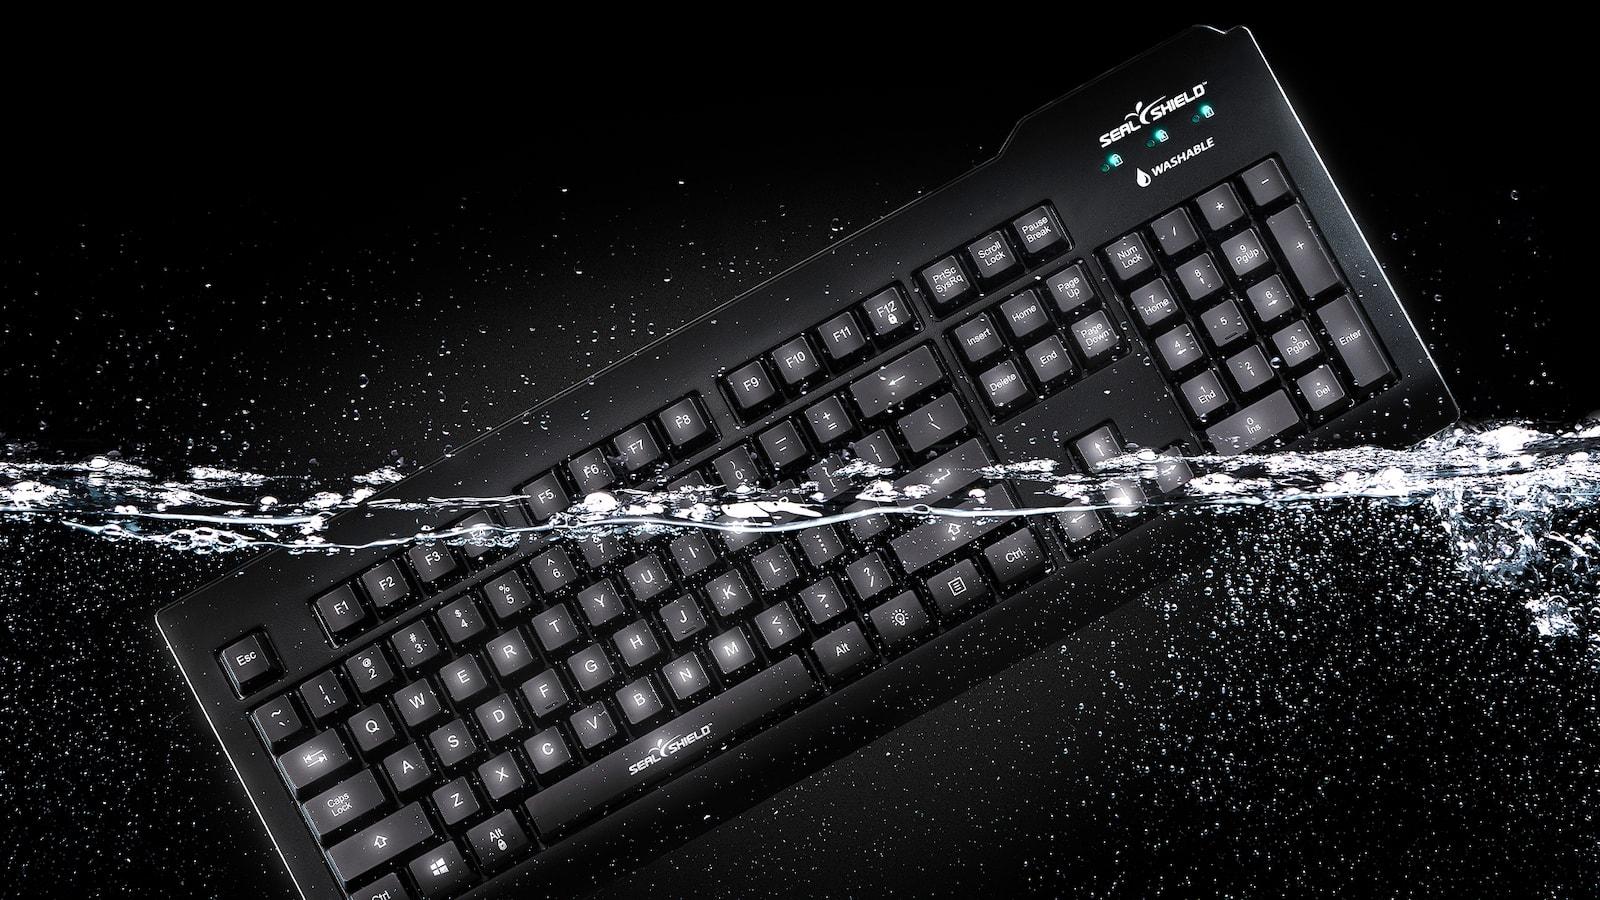 Seal Shield Silver Seal Glow Waterproof Keyboard offers a full-size True Type setup